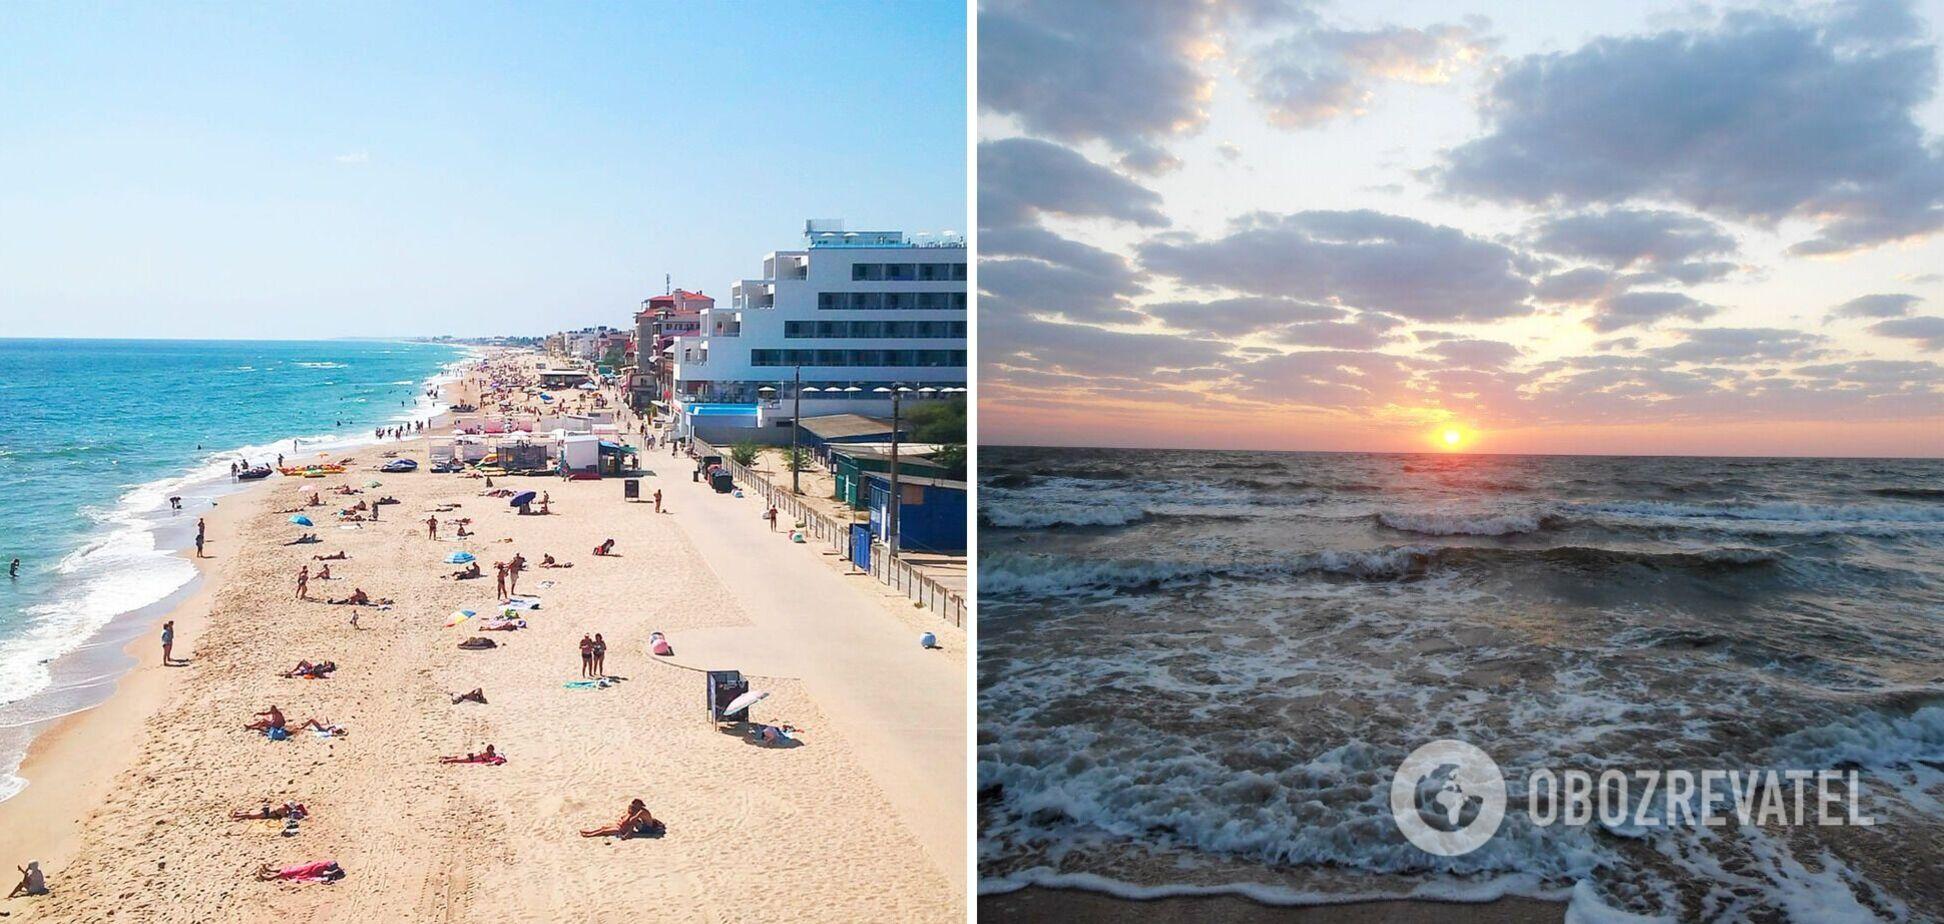 Медузы не дают покоя, а море холодное: туристы рассказали об отдыхе в Геническе и Затоке. Видео